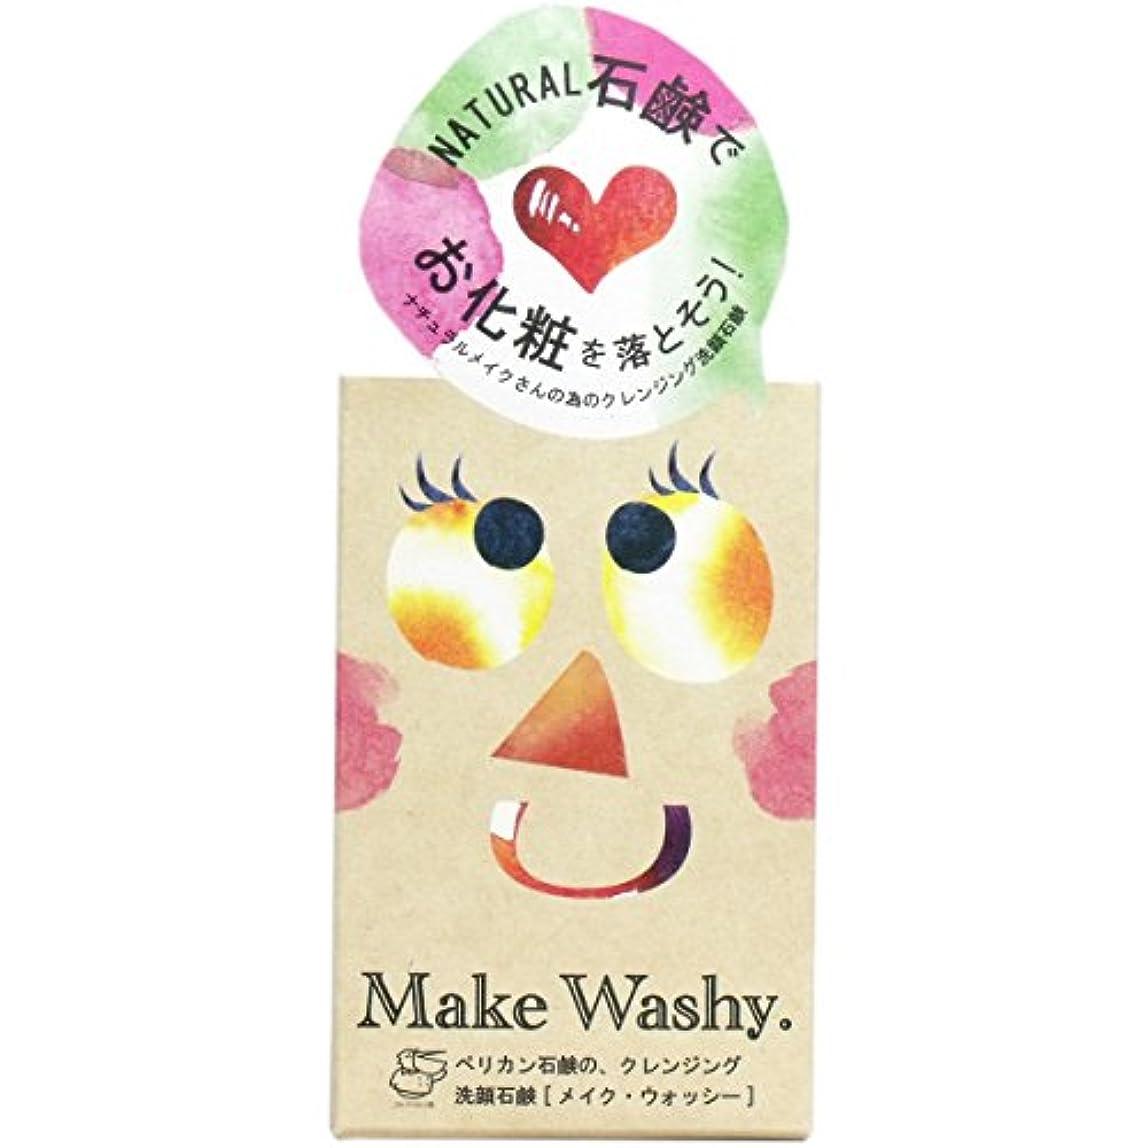 羨望レモン検索メイクウォッシー 洗顔石鹸 × 10個セット